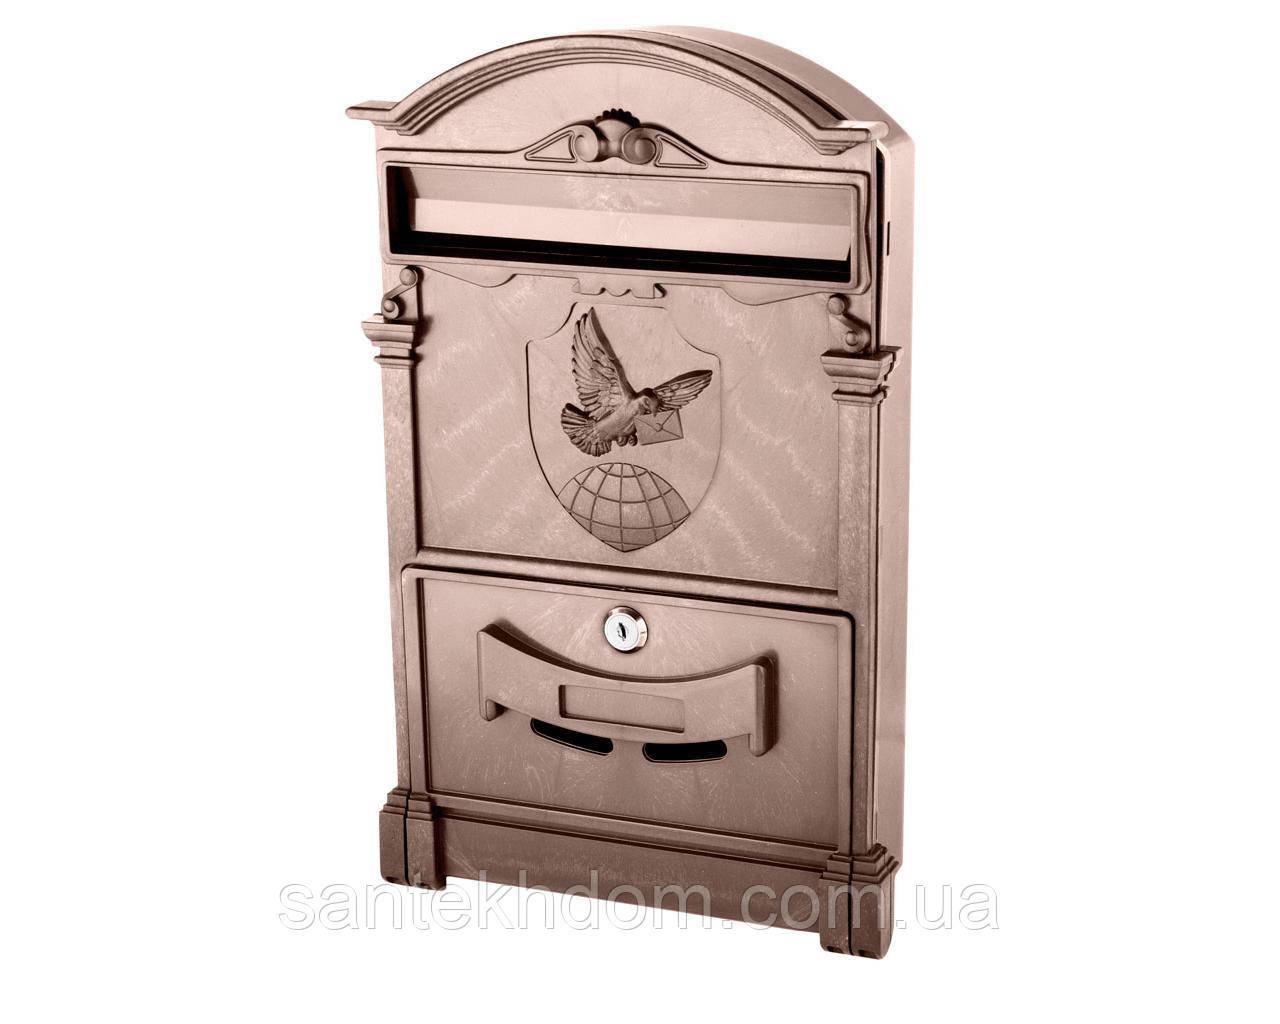 Почтовый ящик VITA цвет коричневый Герб Голубь